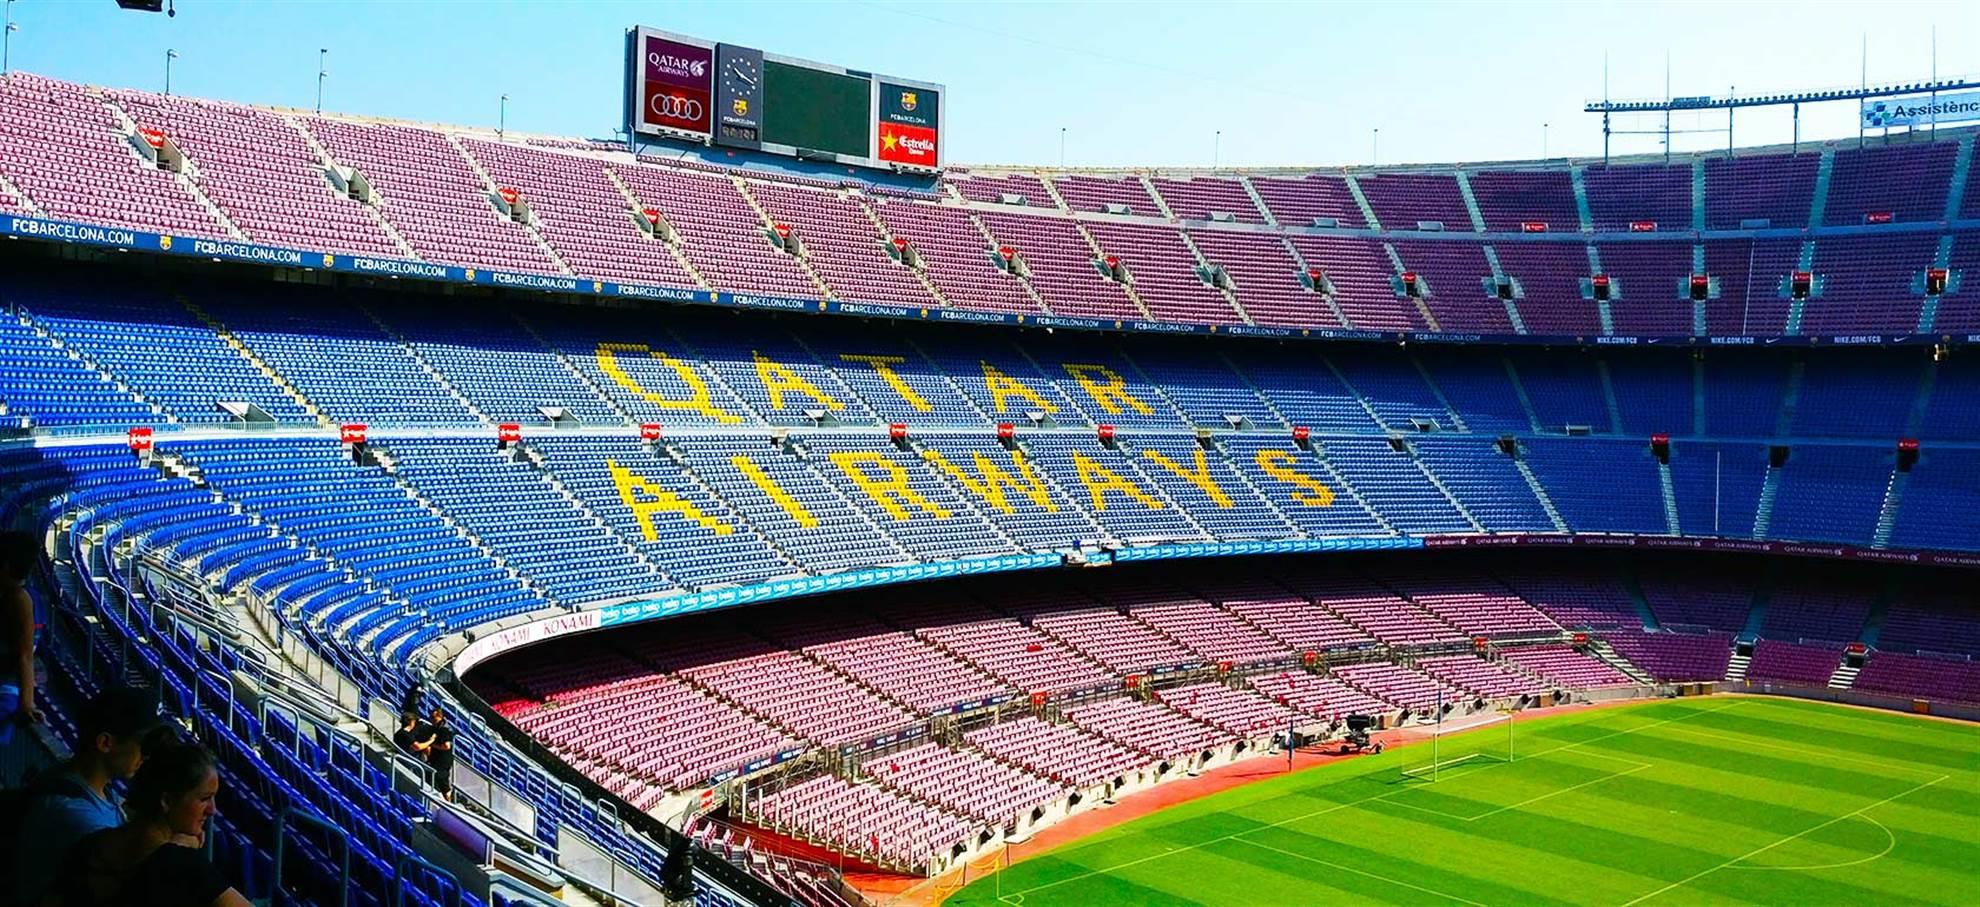 巴塞罗那足球俱乐部之旅